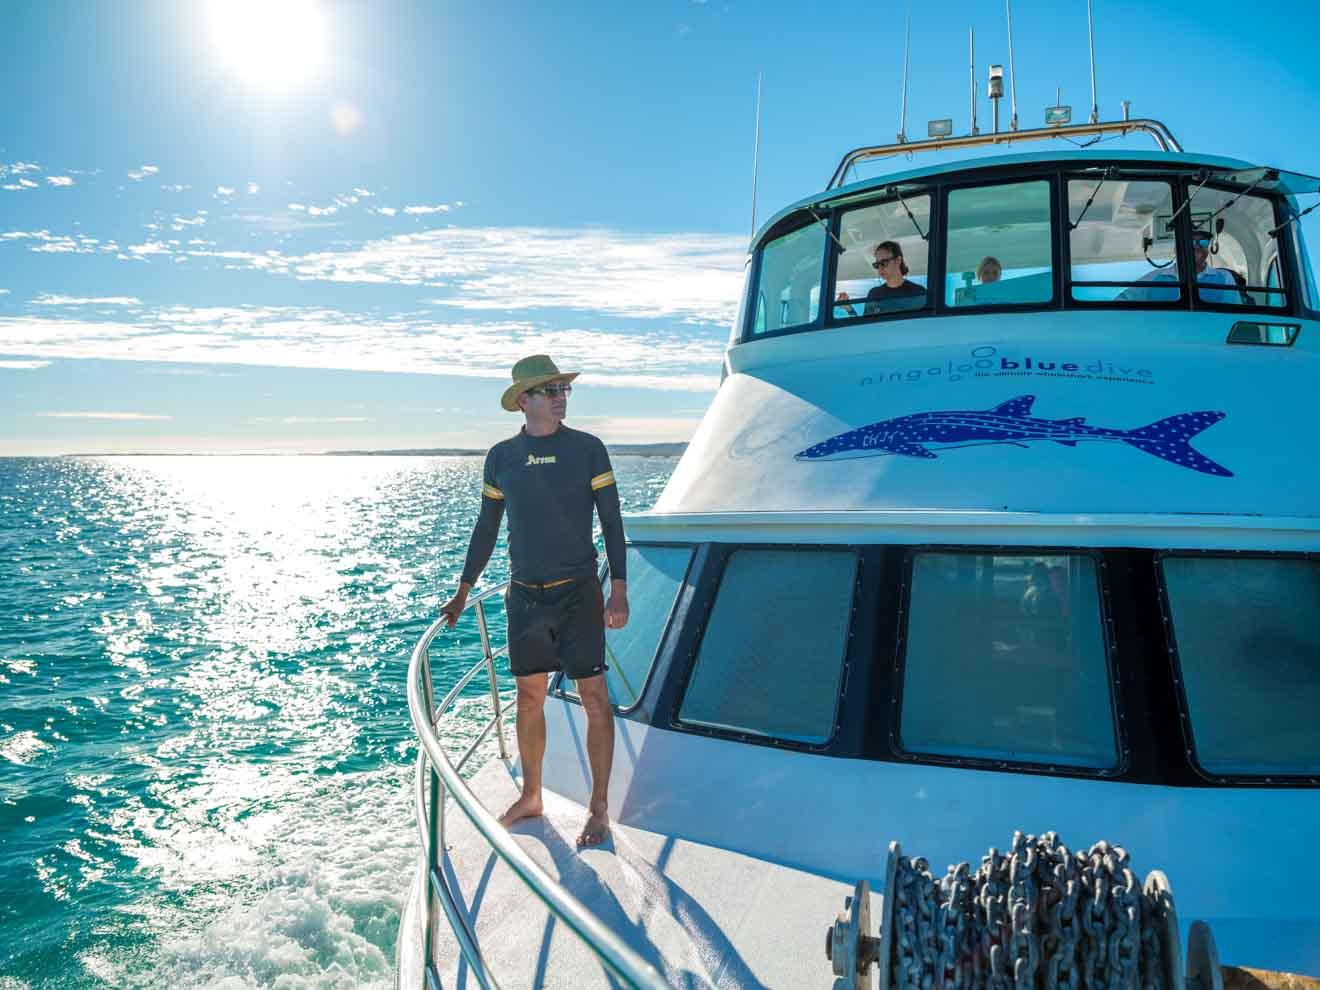 Visite du récif de Ningaloo dans le parc marin des requins baleines